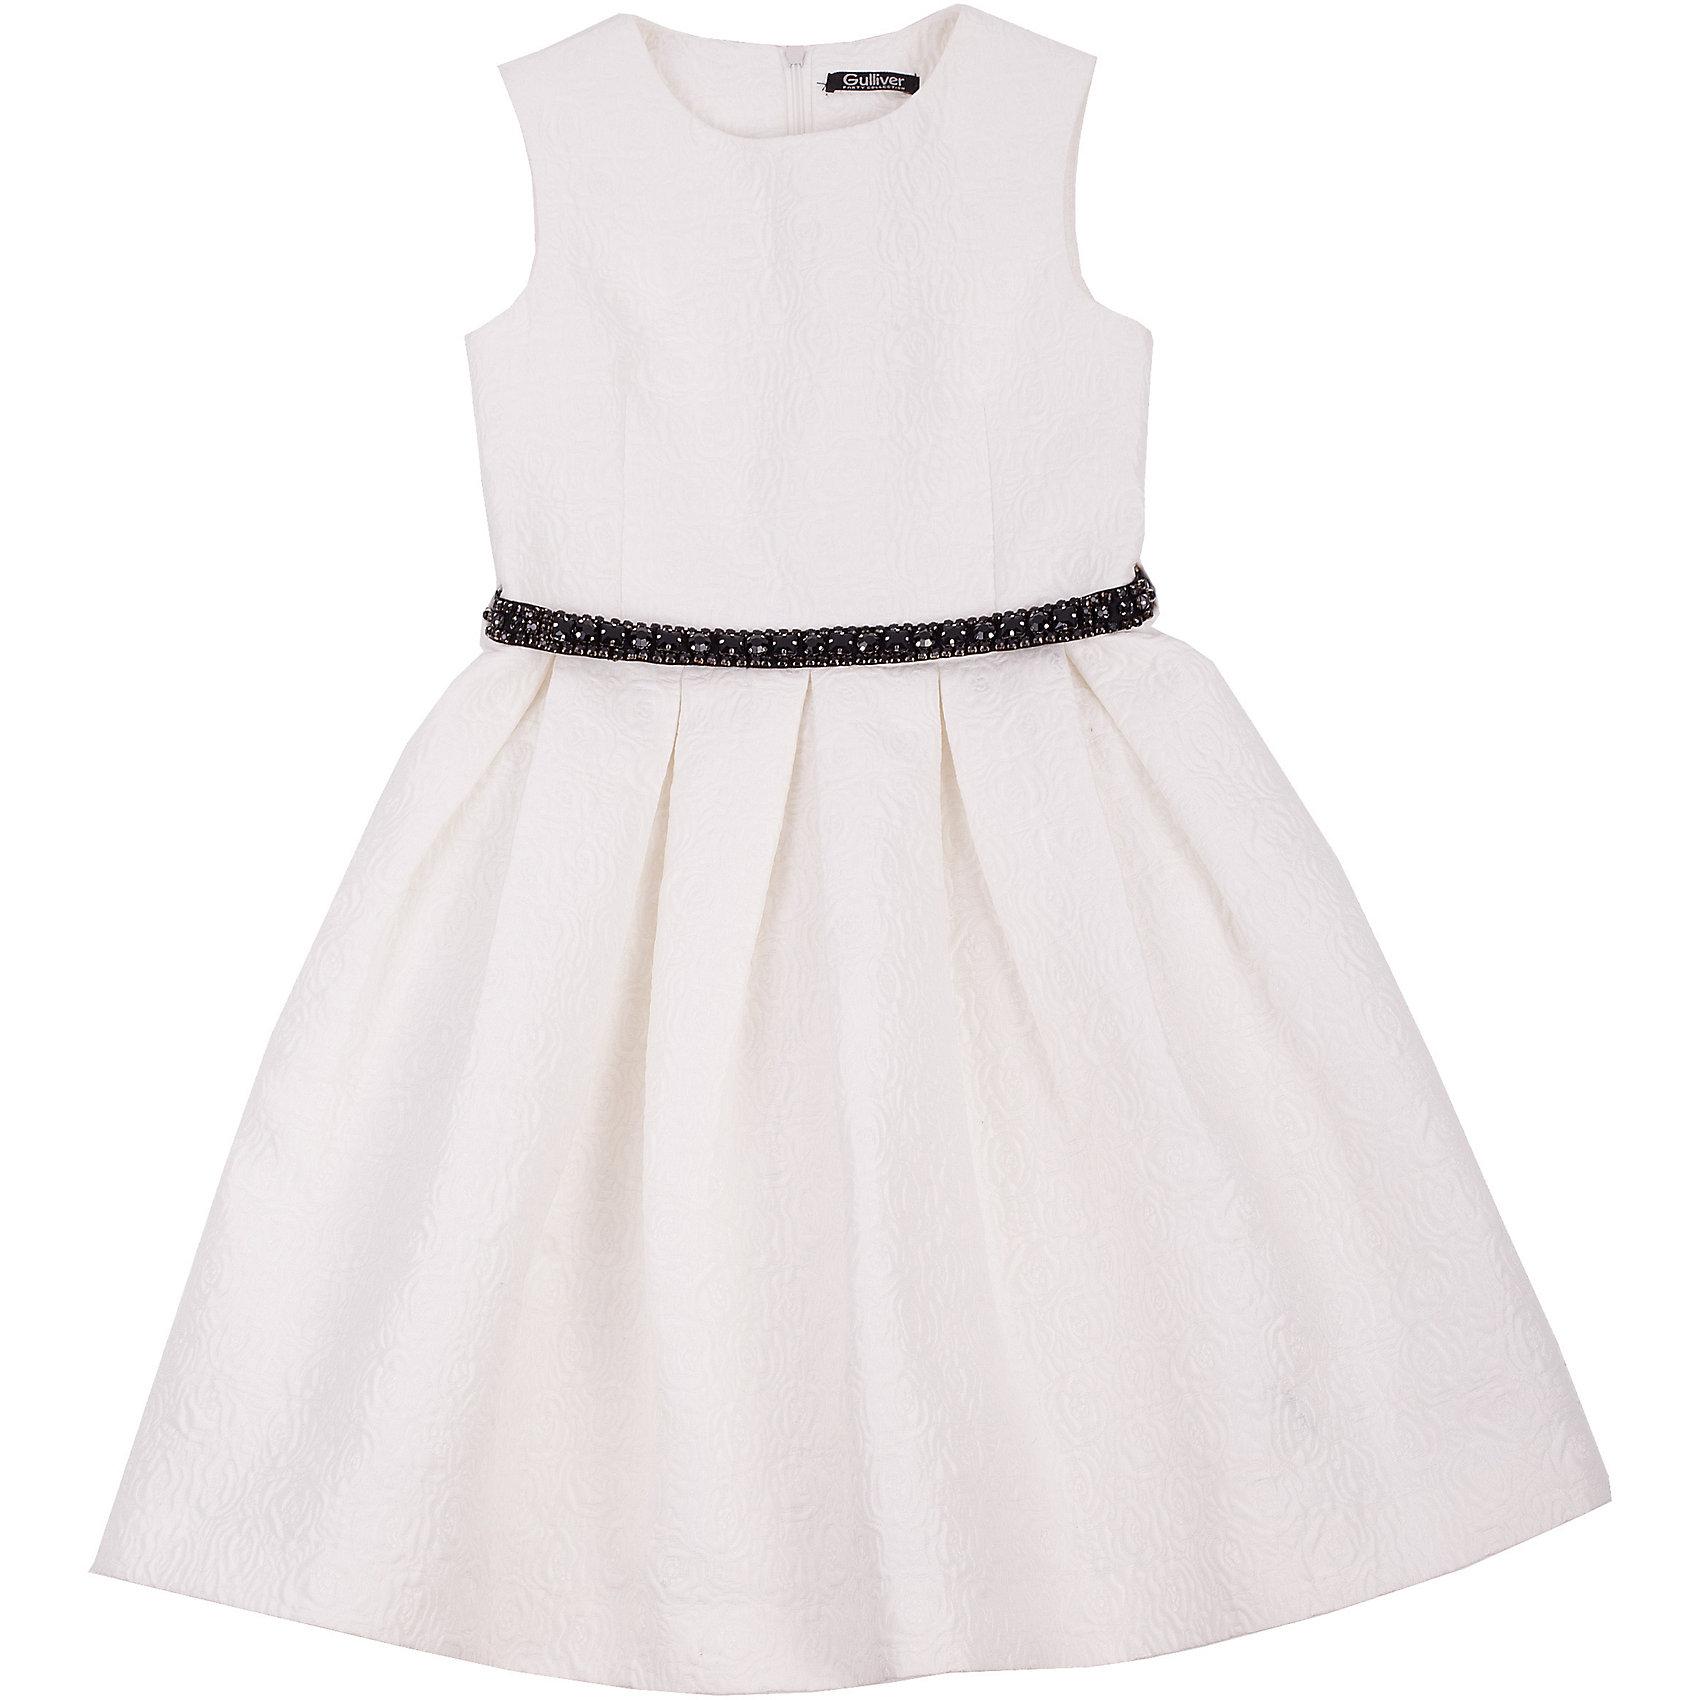 Нарядное платье для девочки GulliverОдежда<br>Платье для девочки от известного бренда Gulliver.<br>Какими должны быть нарядные платья 2016/2017? Разными! Кто-то предпочитает купить платье  - пышную модель как у настоящей принцессы, но кто-то выбирает стильные лаконичные решения с изюминкой и загадкой. Нежное молочное платье из благородного жаккардового полотна - идеальный вариант для тех, кто ценит изящество и элегантность. Черный пояс, расшитый стразами подчеркнет торжественность момента.<br>Состав:<br>верх: 100% полиэстер; подкладка: 100% хлопок<br><br>Ширина мм: 236<br>Глубина мм: 16<br>Высота мм: 184<br>Вес г: 177<br>Цвет: белый<br>Возраст от месяцев: 108<br>Возраст до месяцев: 120<br>Пол: Женский<br>Возраст: Детский<br>Размер: 140,134,122,128<br>SKU: 5103494